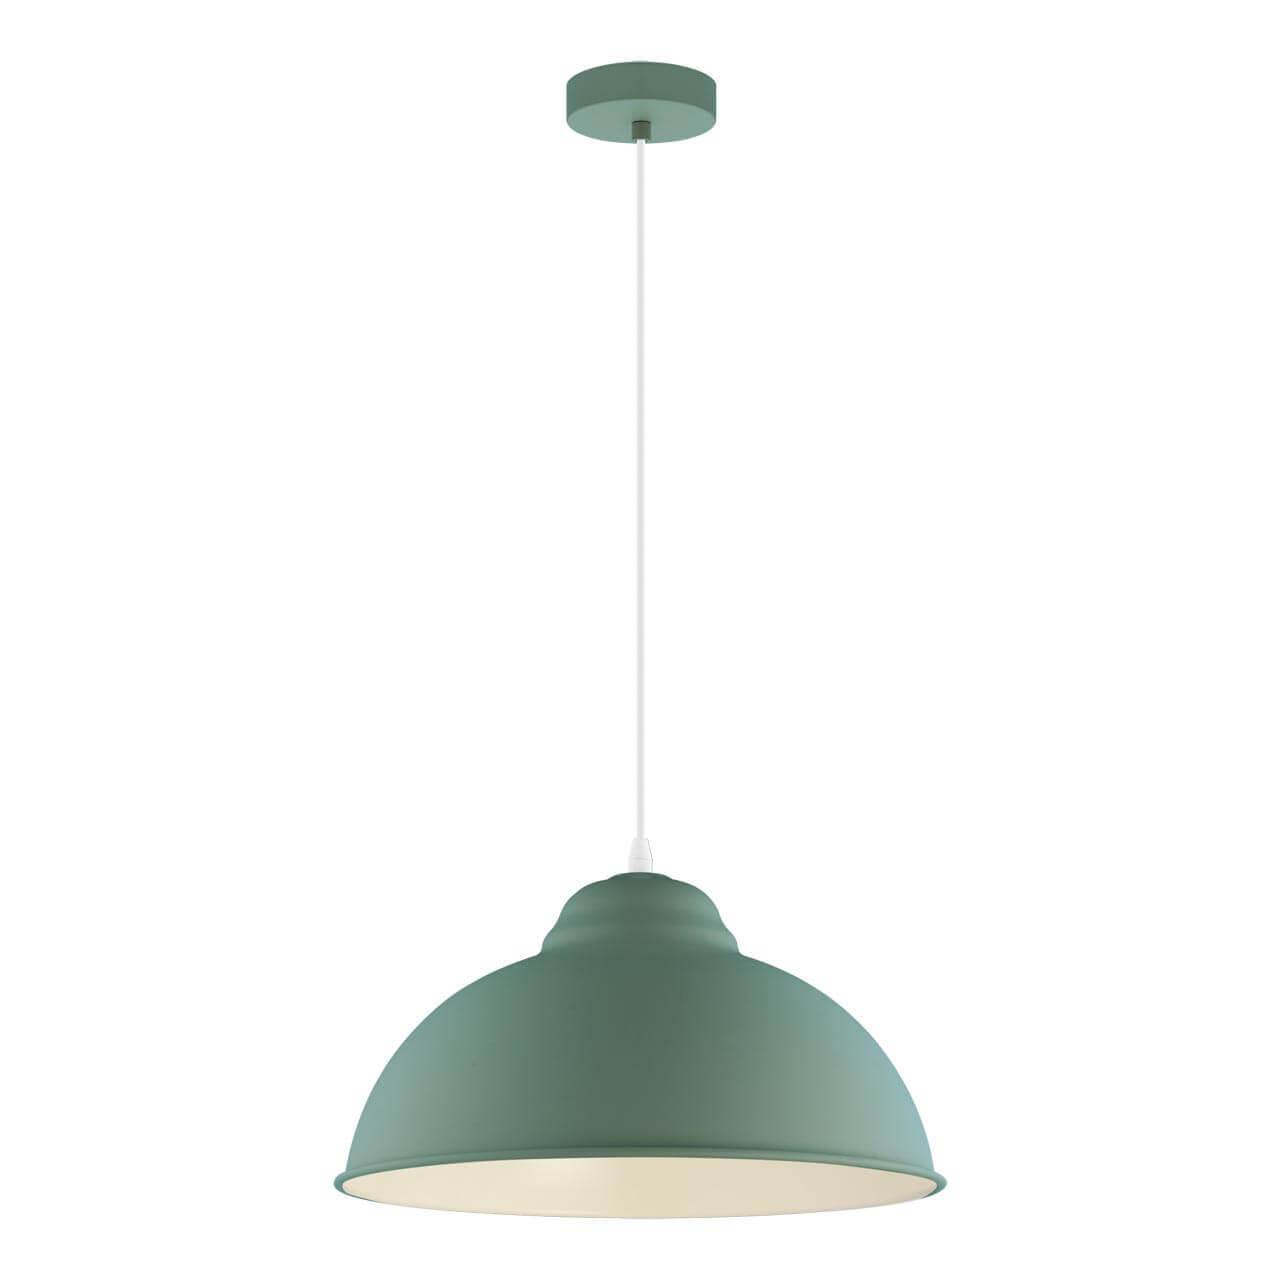 Подвесной светильник Eglo Truro-P 49063 подвесной светильник eglo truro 2 49389